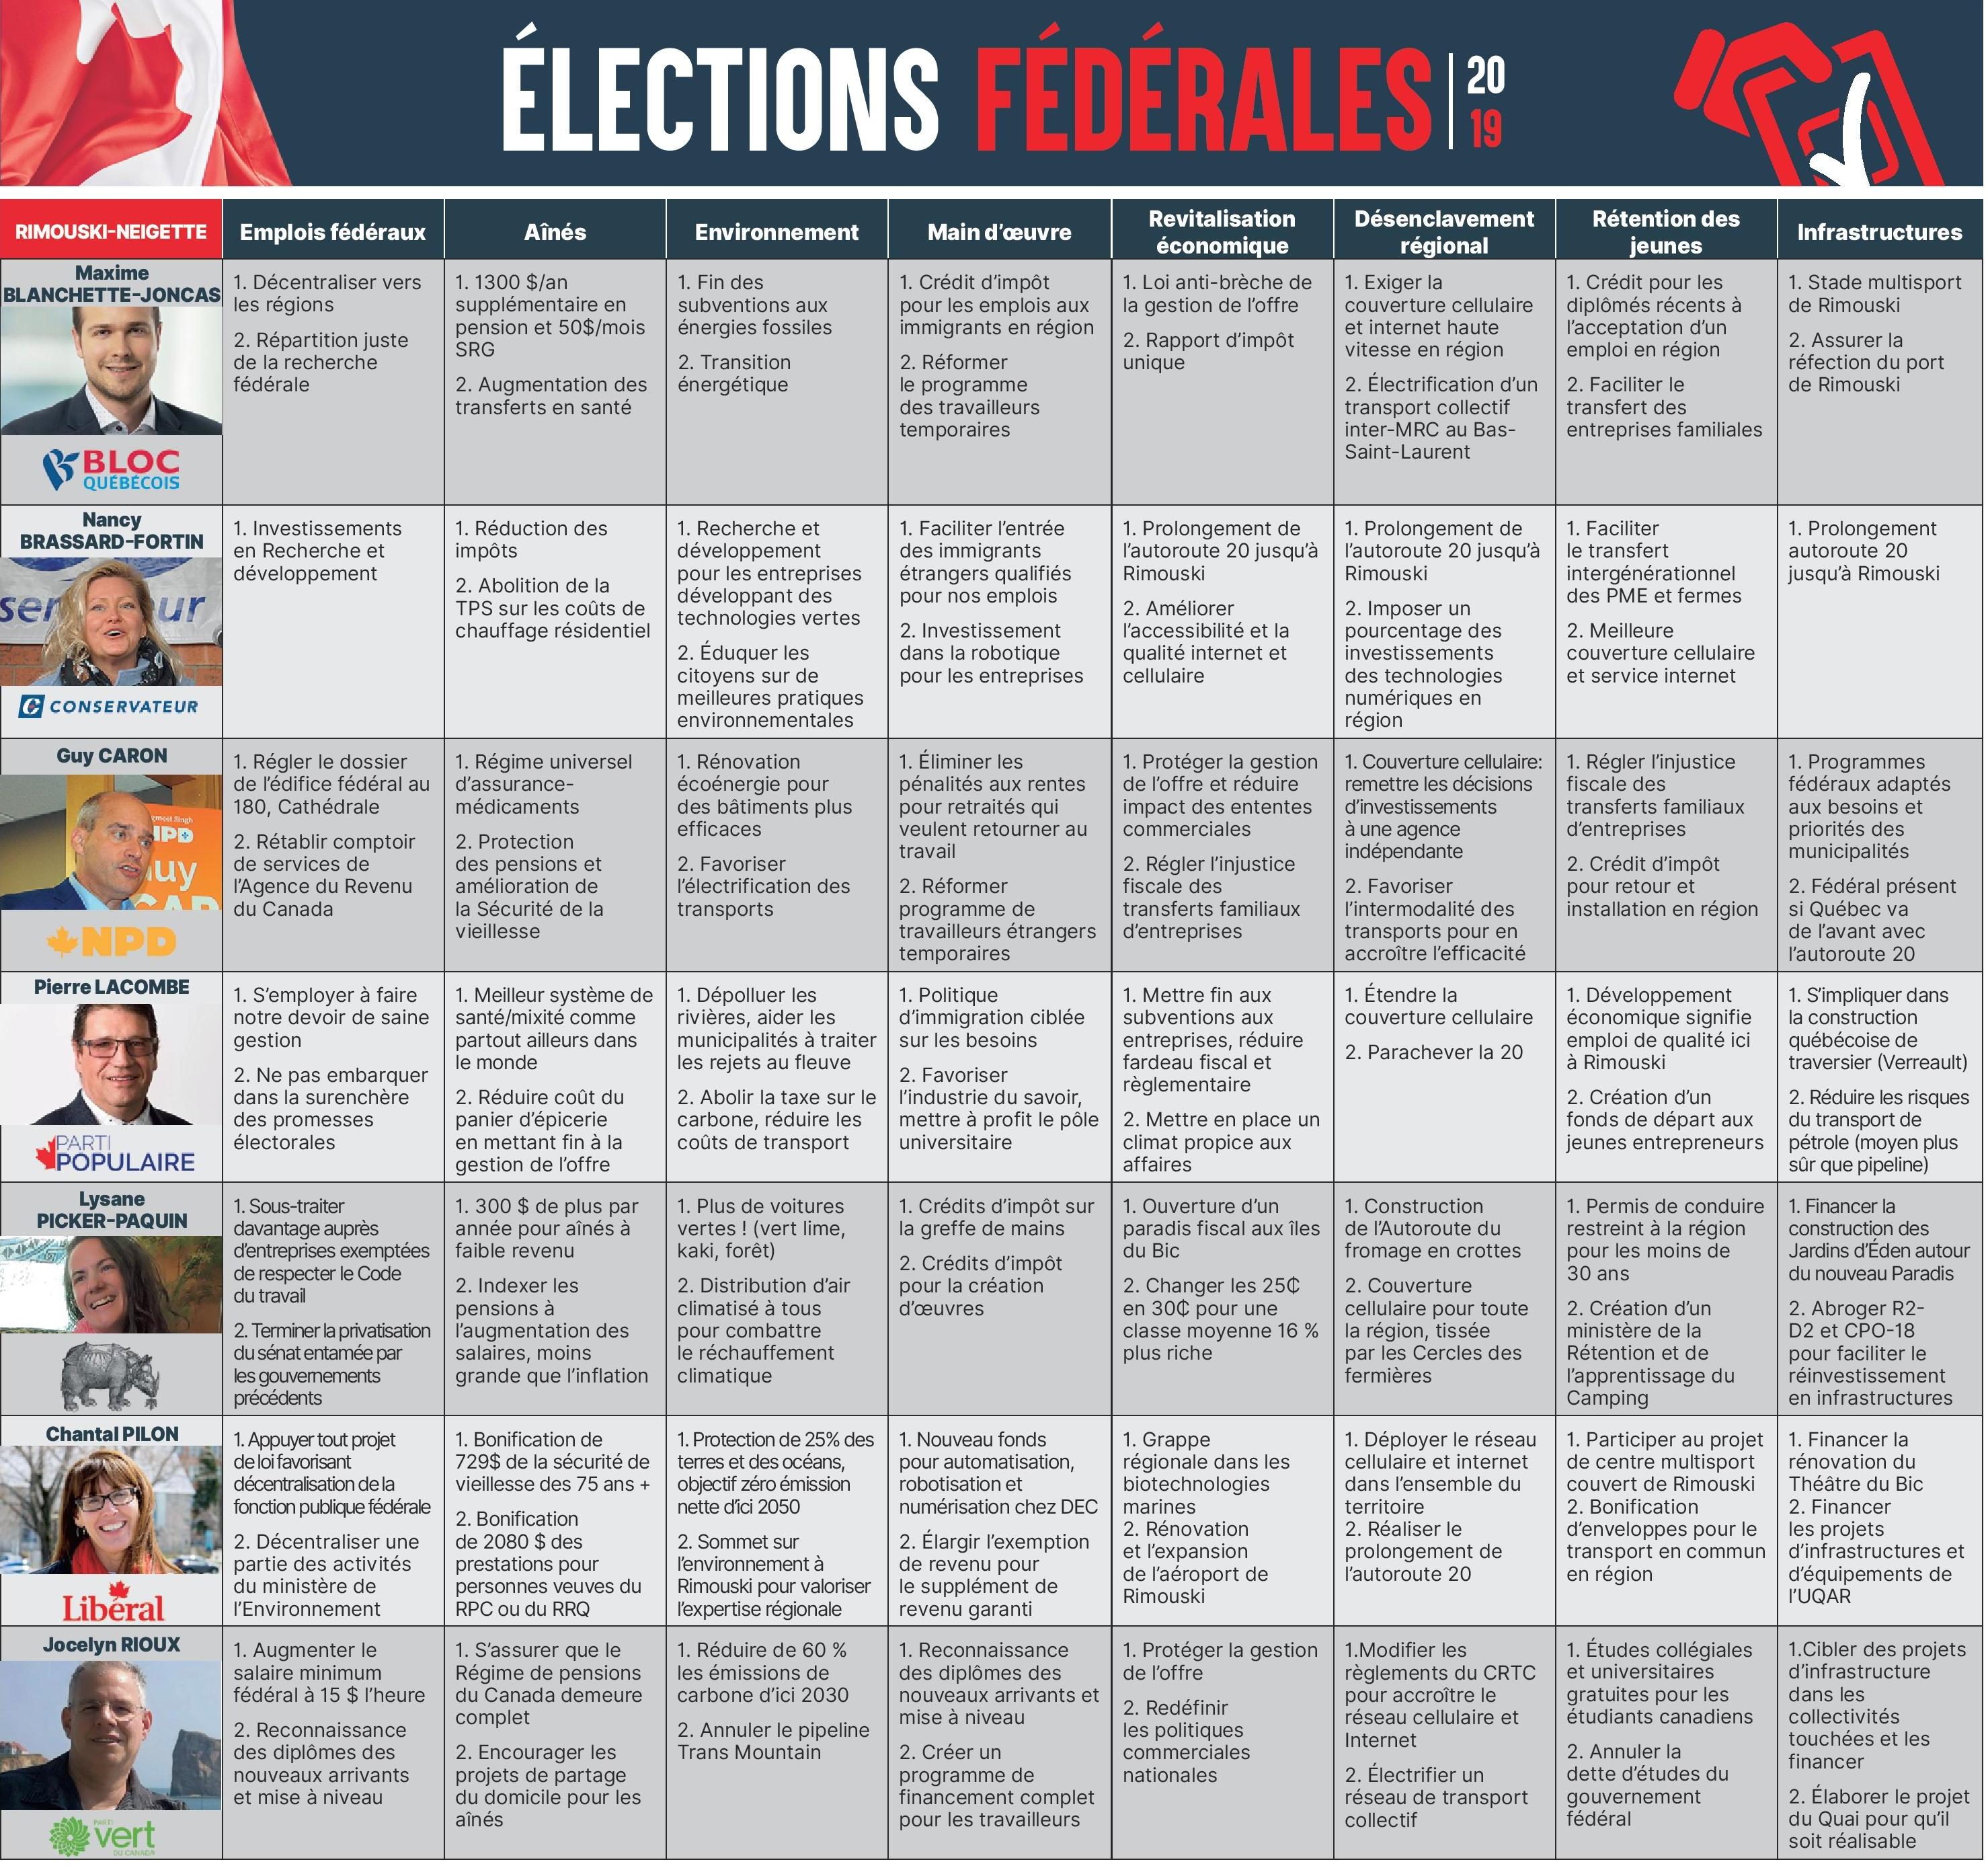 Élections fédérales tableau récapitulatif des principales idées